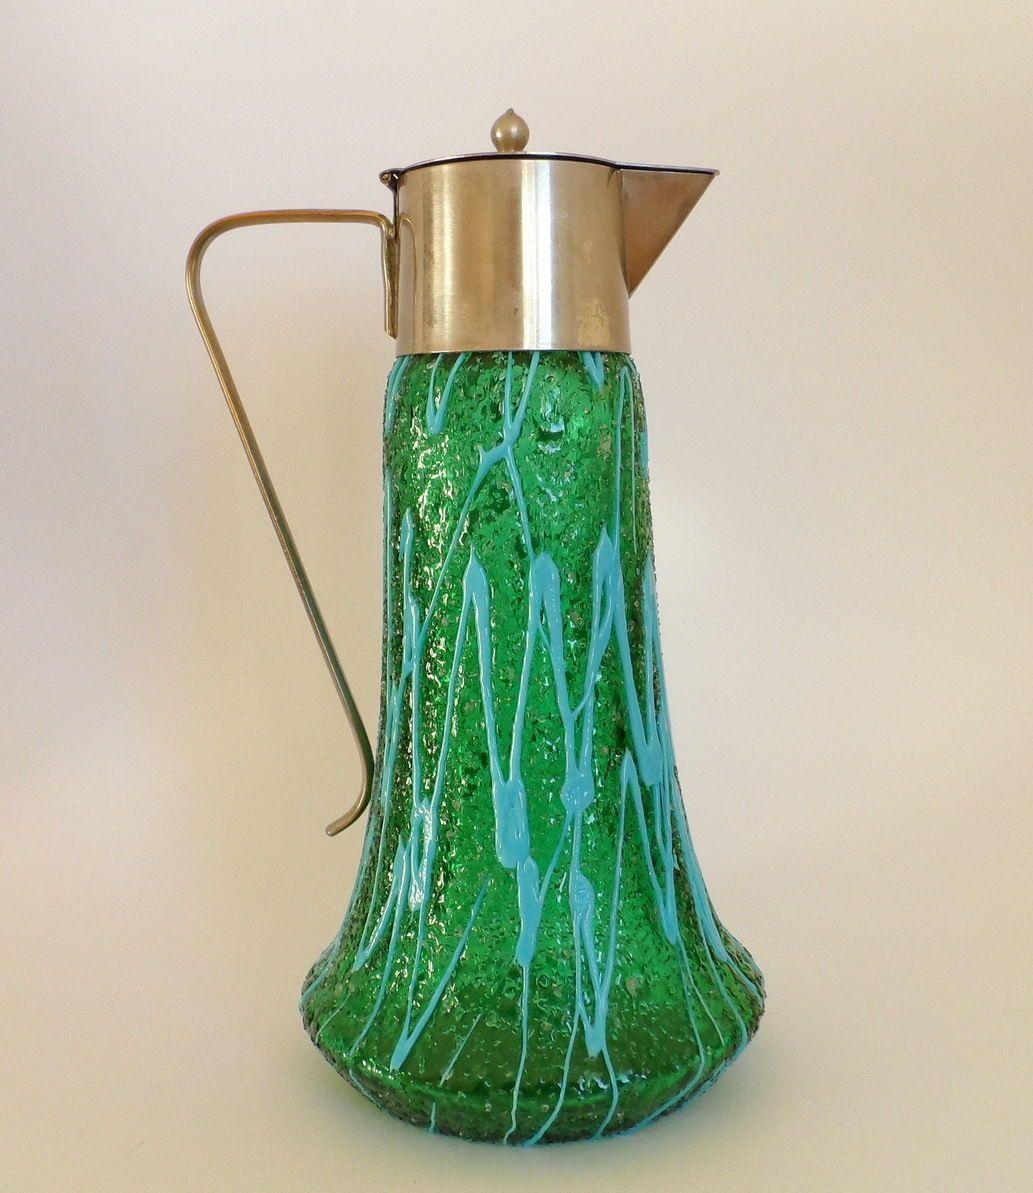 Antique art nouveau pallme konig art glass jug pitcher loetz antique art nouveau pallme konig art glass jug pitcher loetz kralik rindskopf reviewsmspy